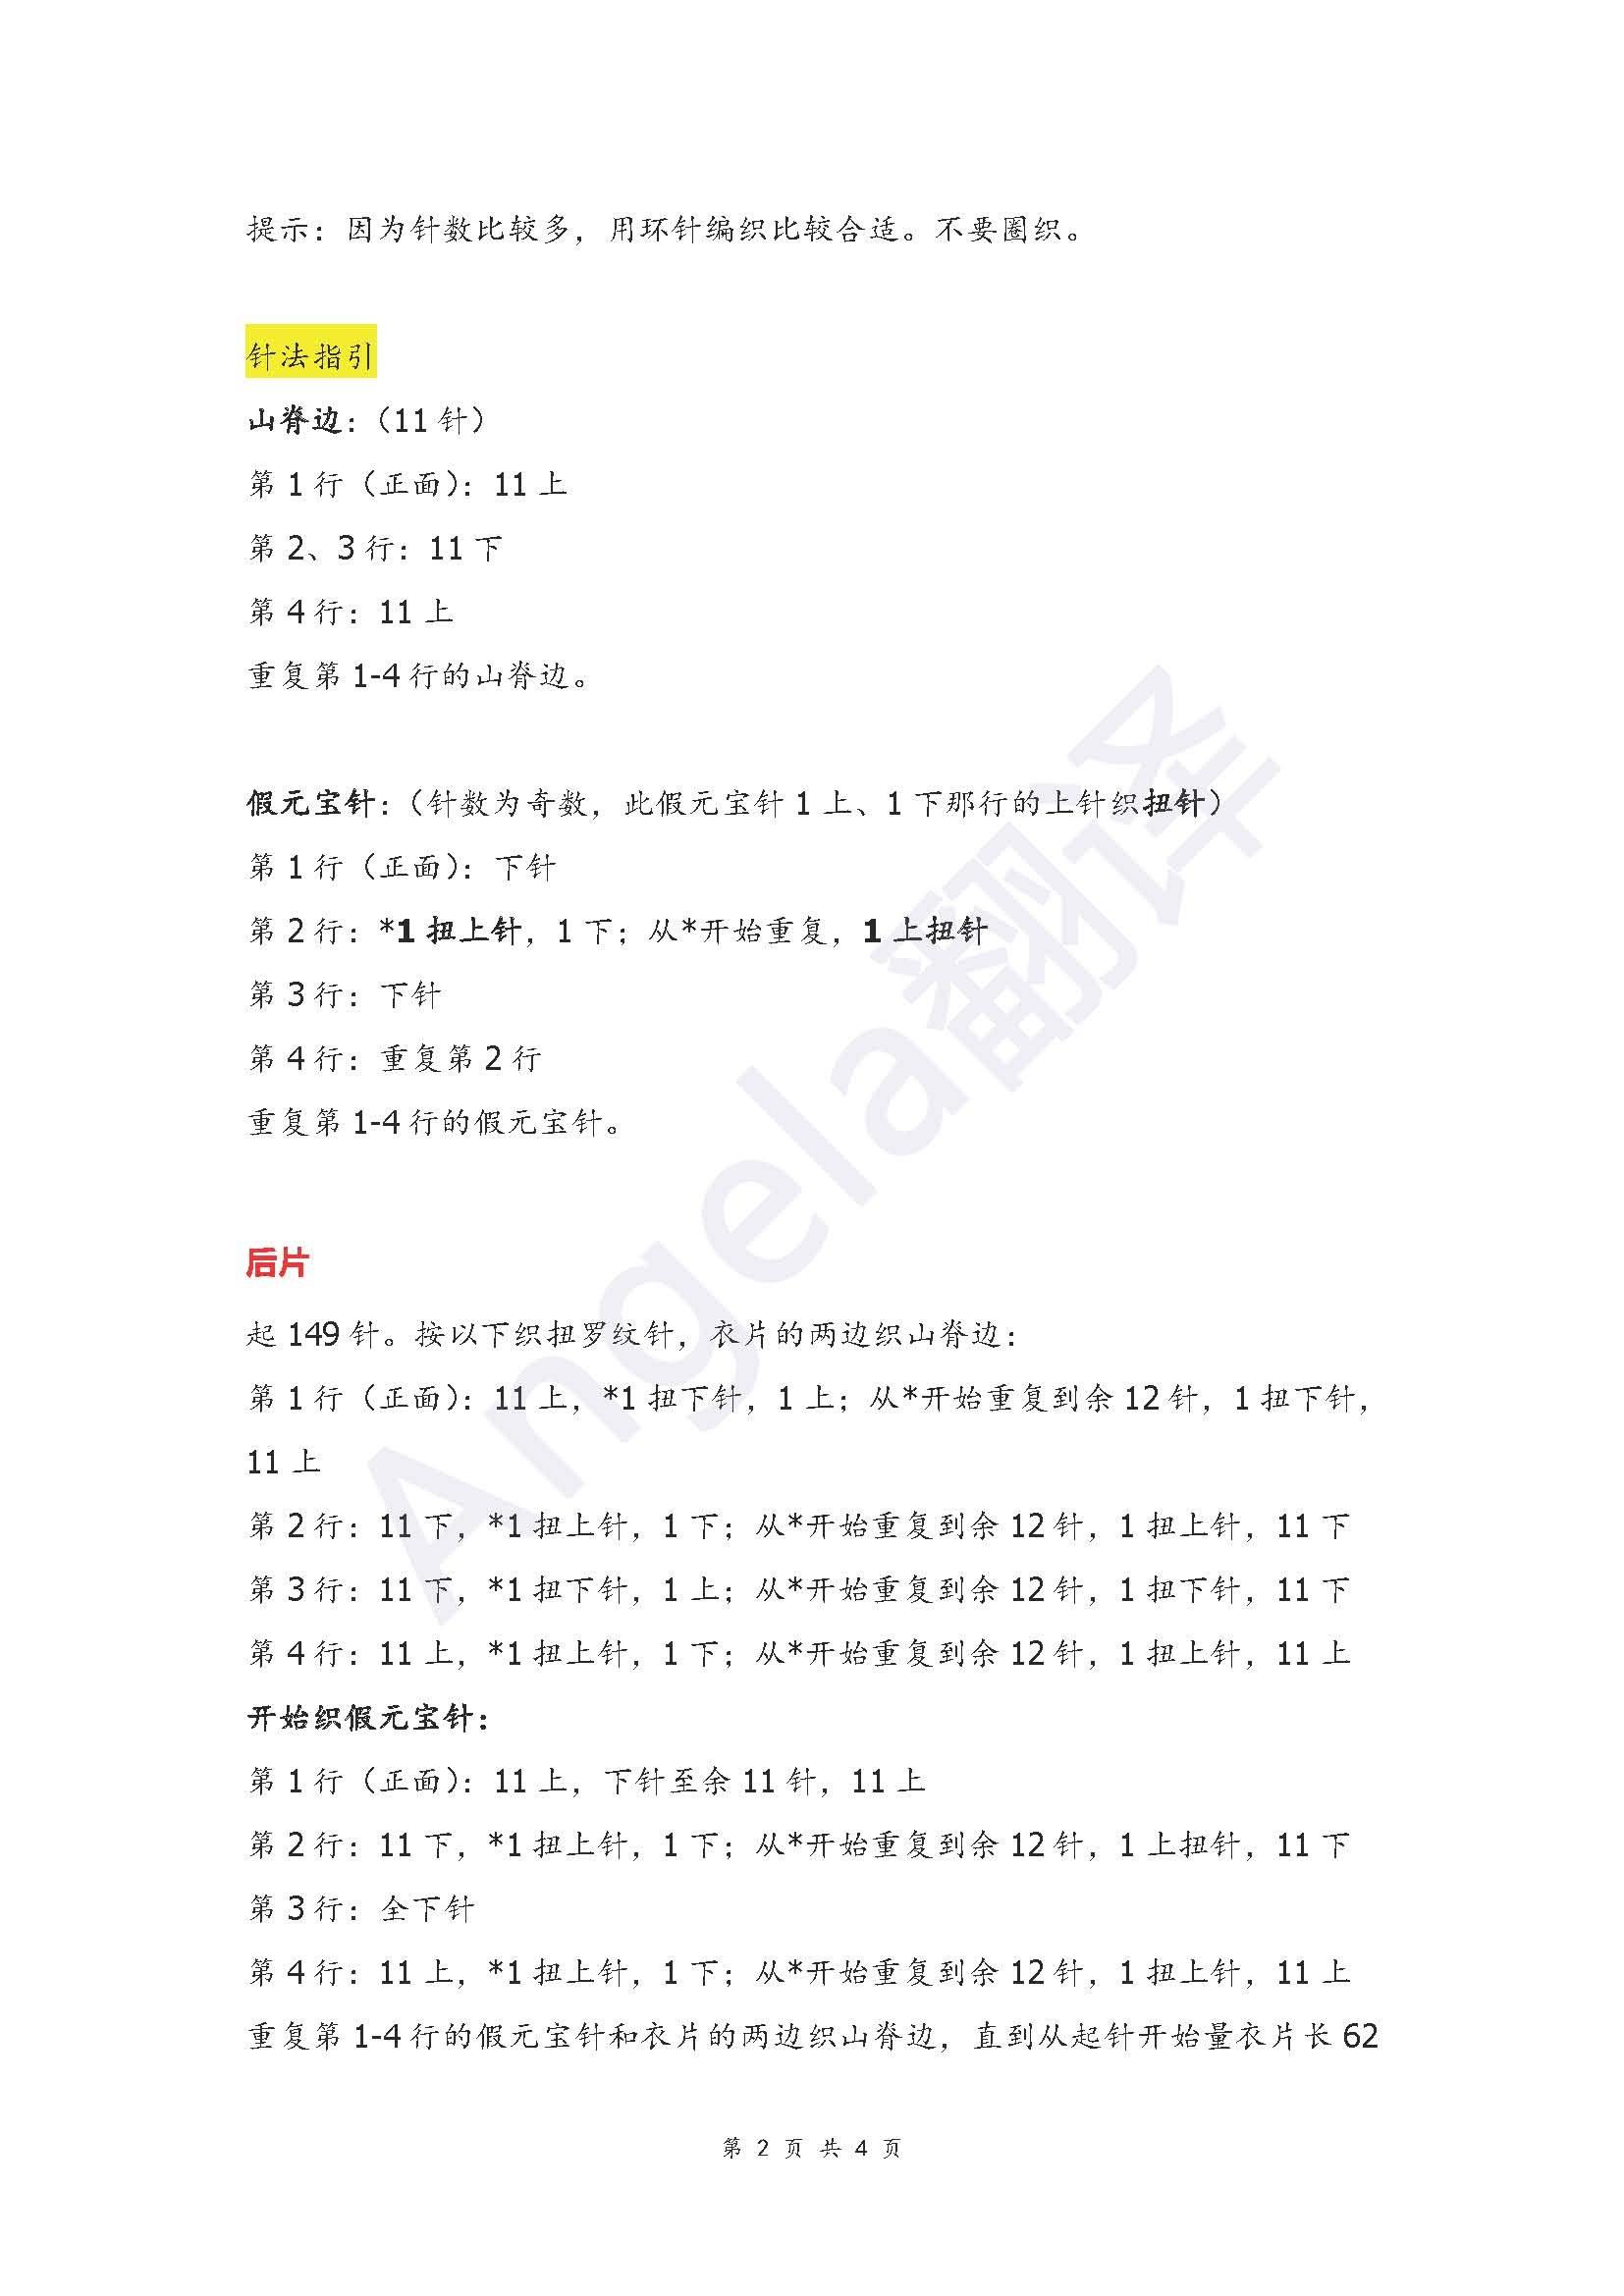 【引用译文】红(高领斗篷) - 壹一 - 壹一编织博客